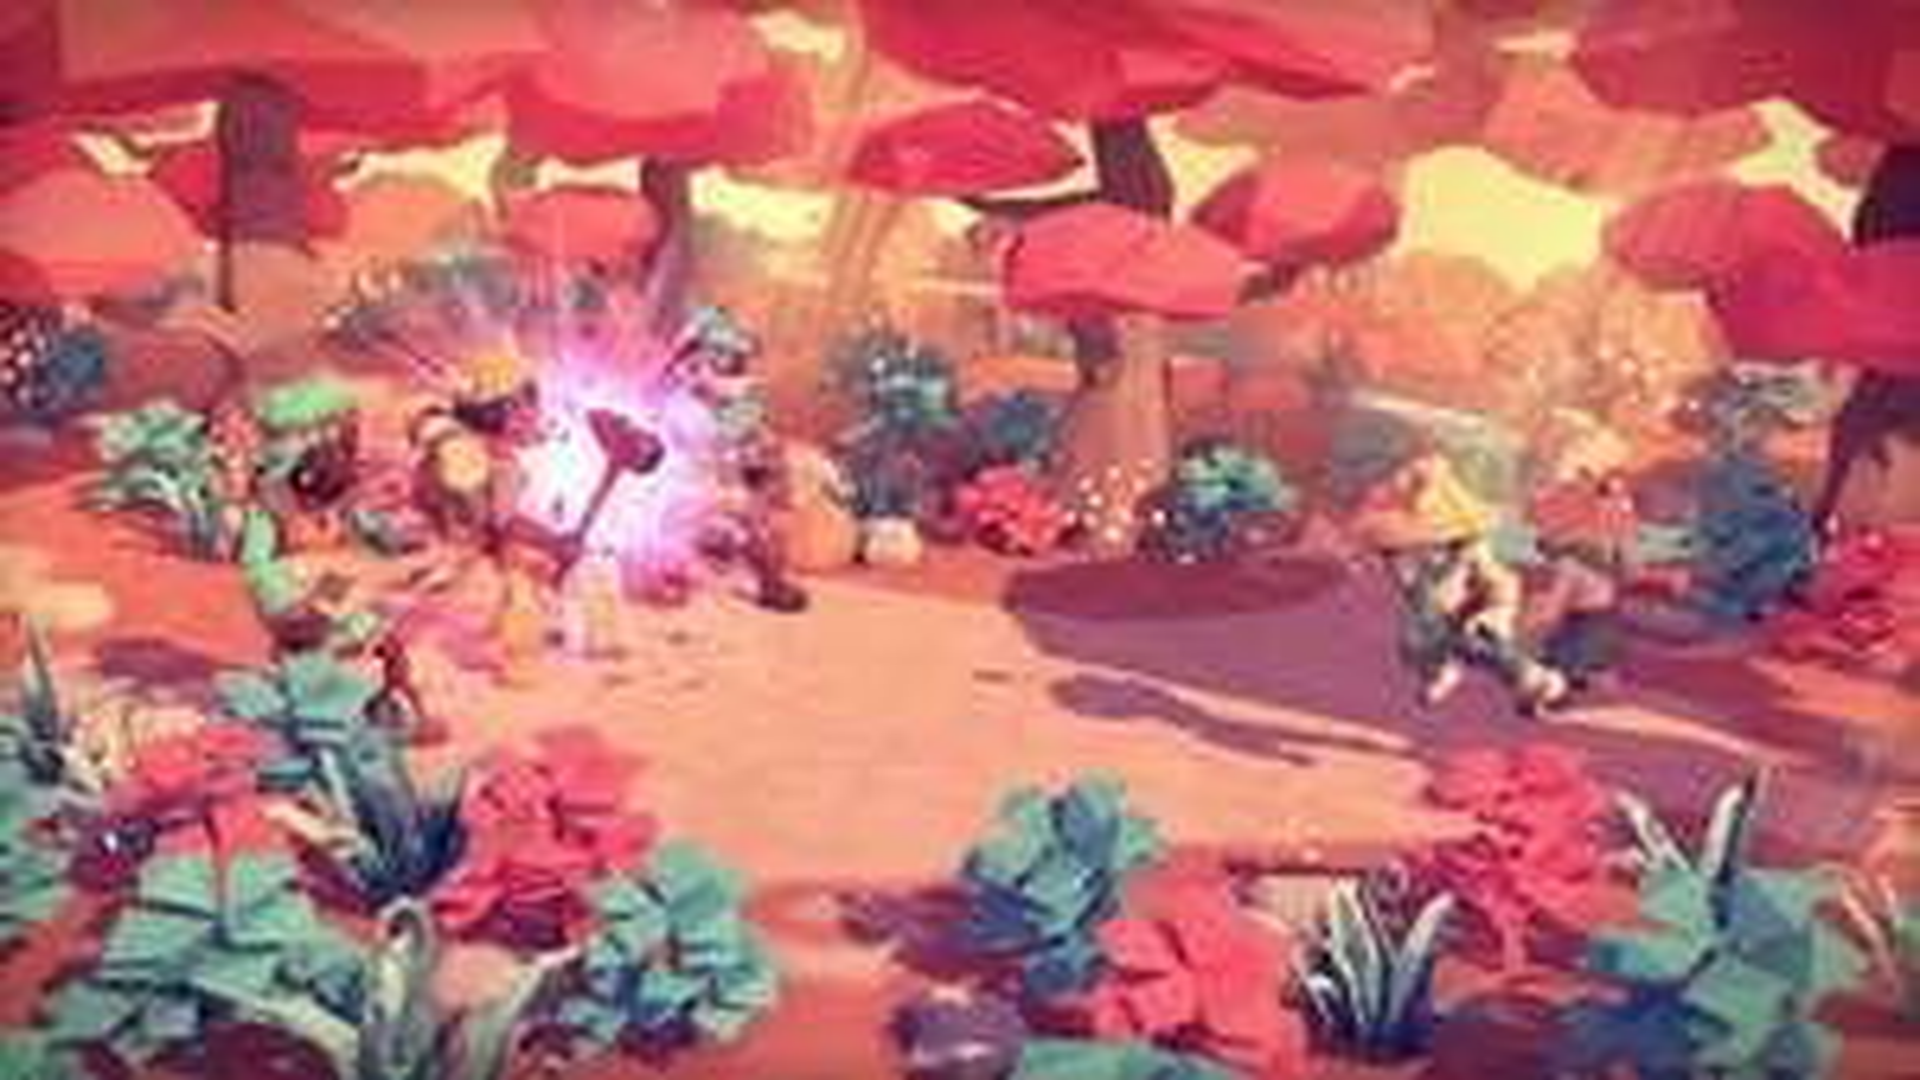 Epic Games: For The King - GRATIS del 9 al 16 de Enero